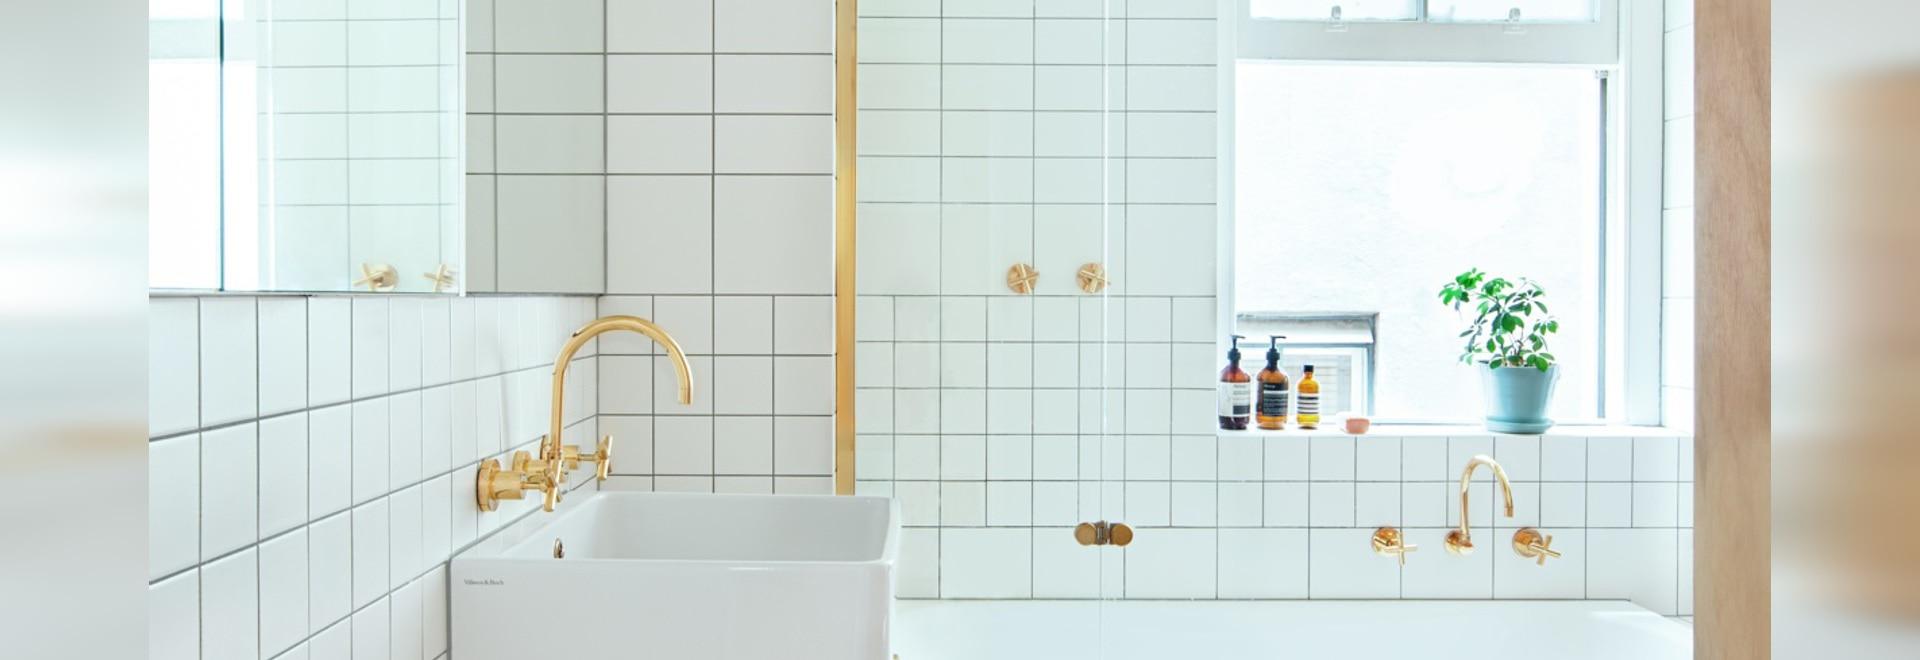 deux appartements dans le modle japonais minimaliste moderne inclut des plans dtage